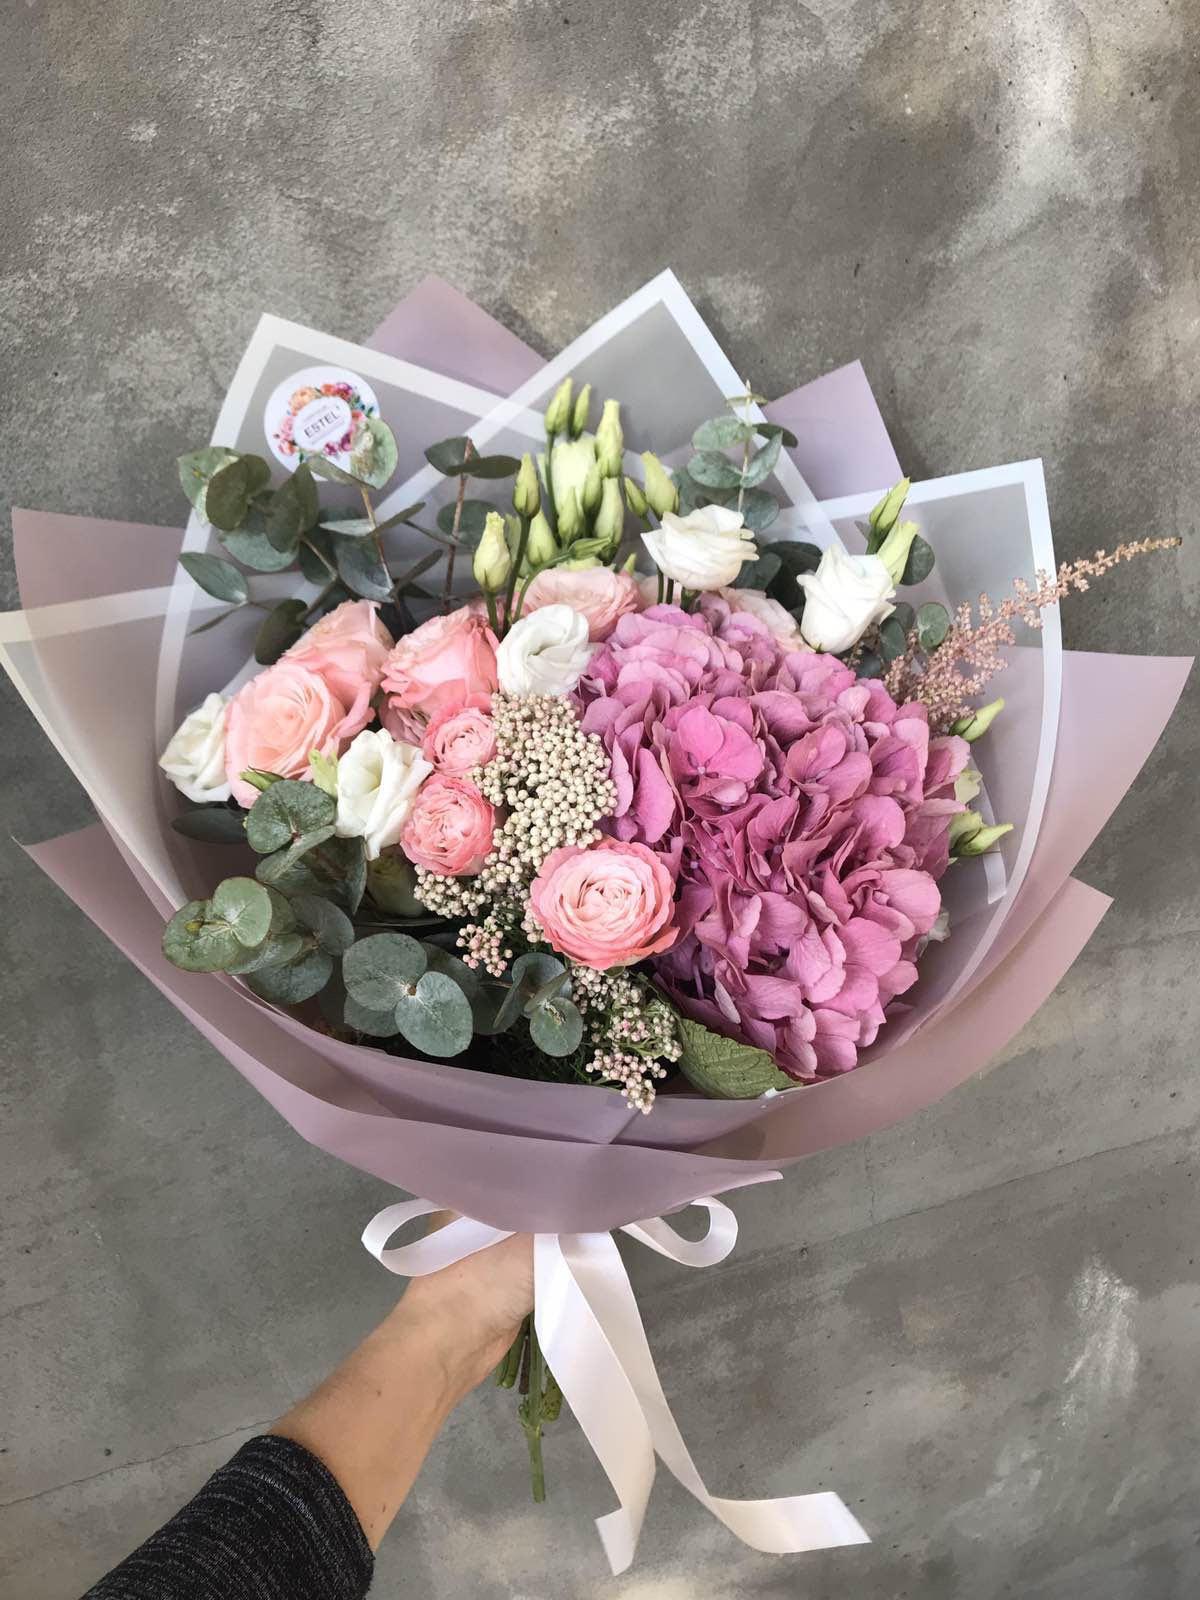 Закажи красивый букет в новом цветочном магазине - получи доставку в подарок!, фото-12